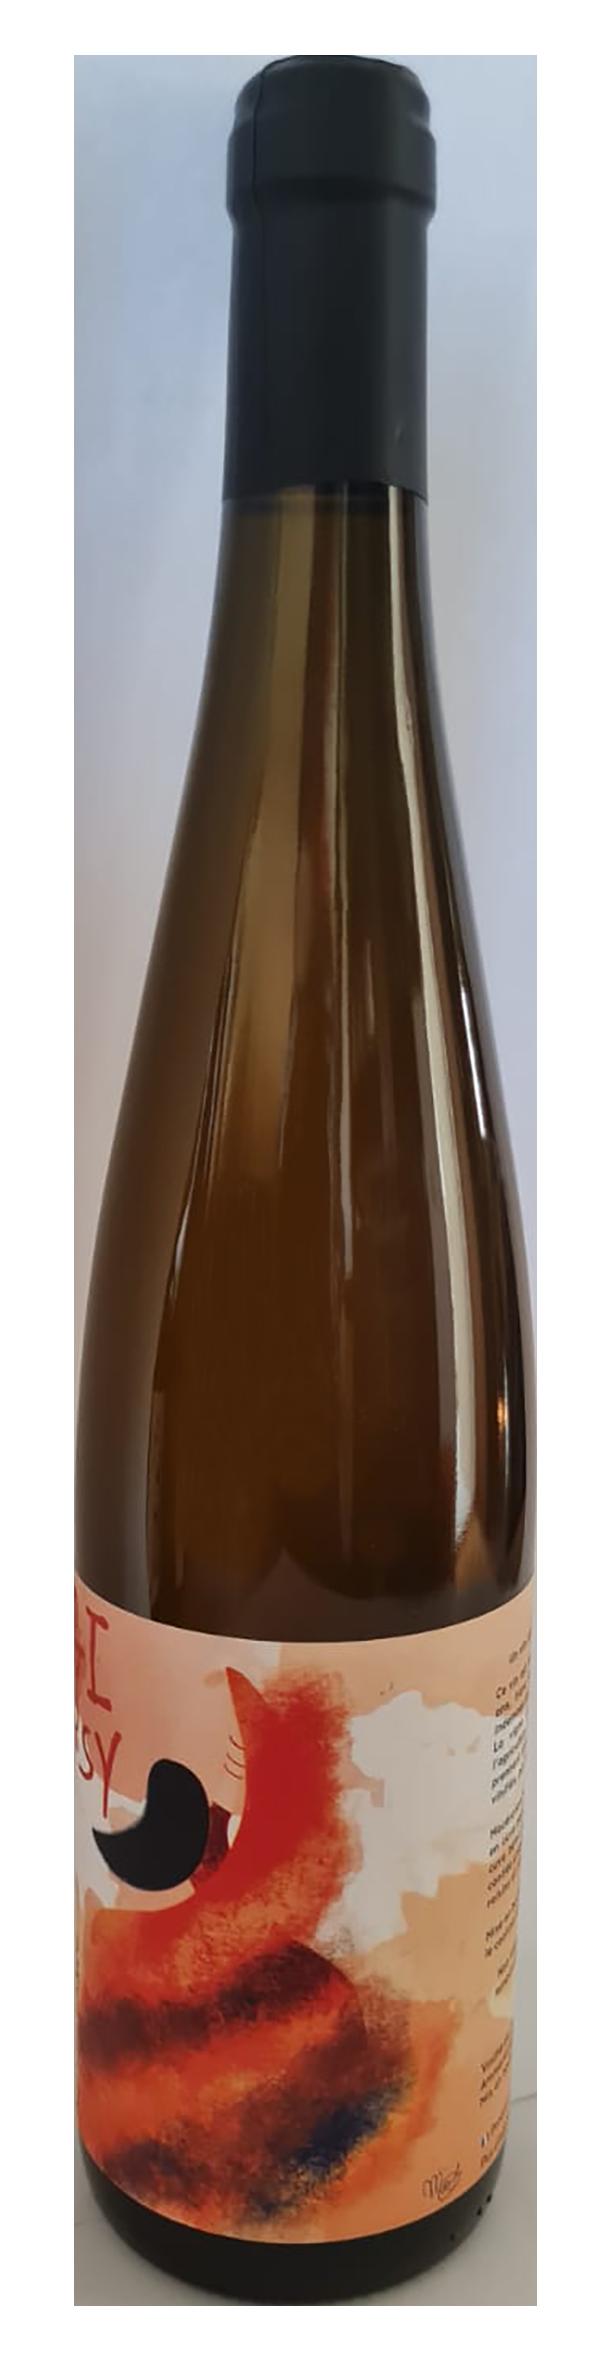 Vin blanc de macération courte issu de très vieilles vignes de Verdejo en Espagne, vinifié en Alsace par Sons of Wine, cuvée Gipsy resistencia 2019